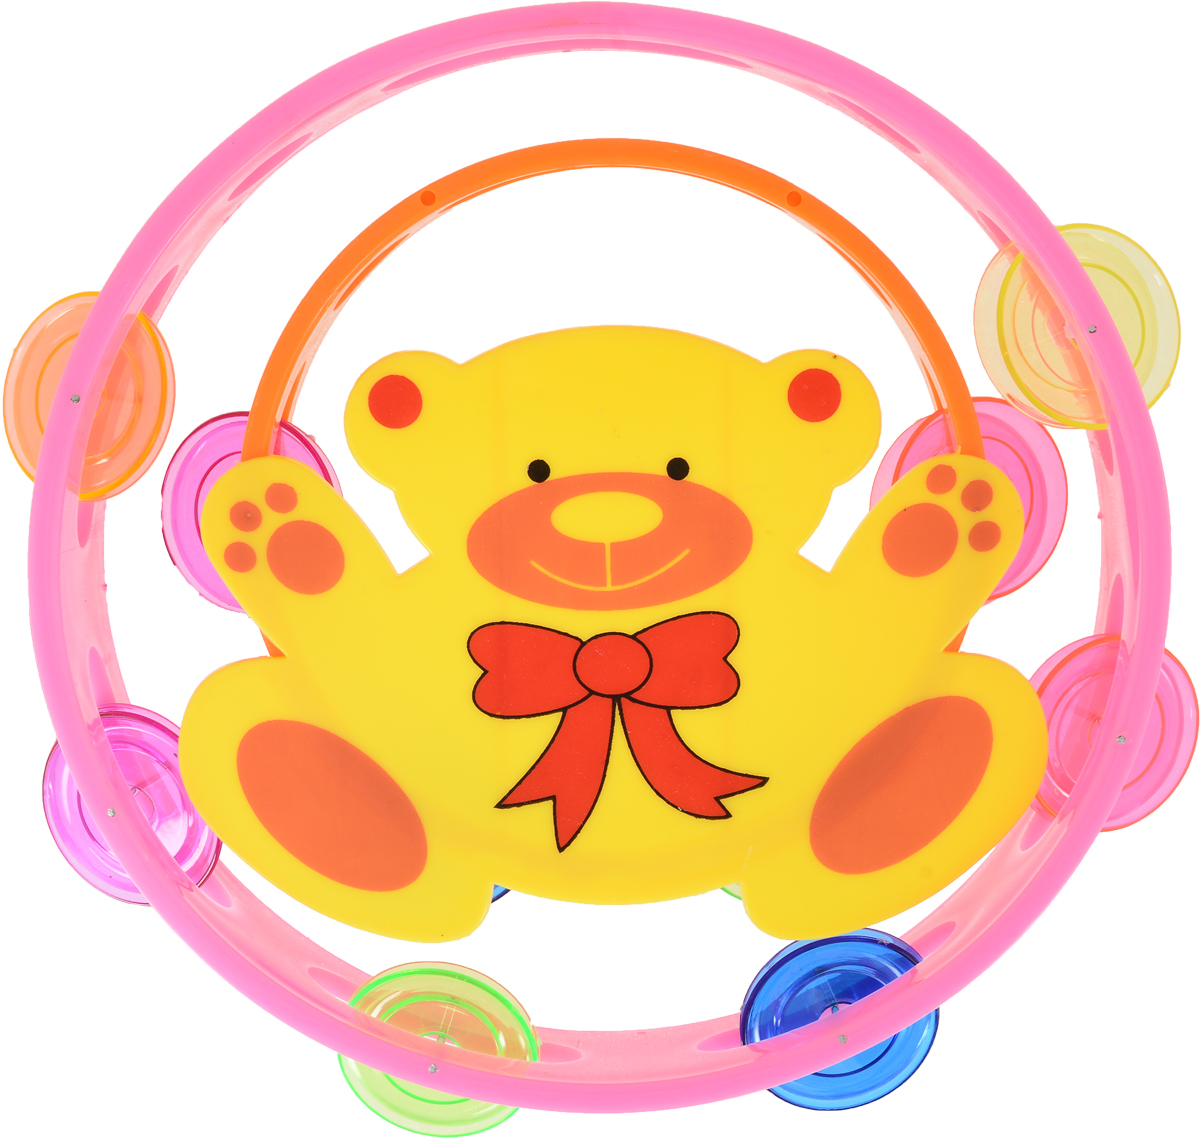 Shantou Gepai Набор бубнов цвет розовый оранжевый 2 шт музыкальные инструменты shantou gepai барабанная установка барабанный ритм